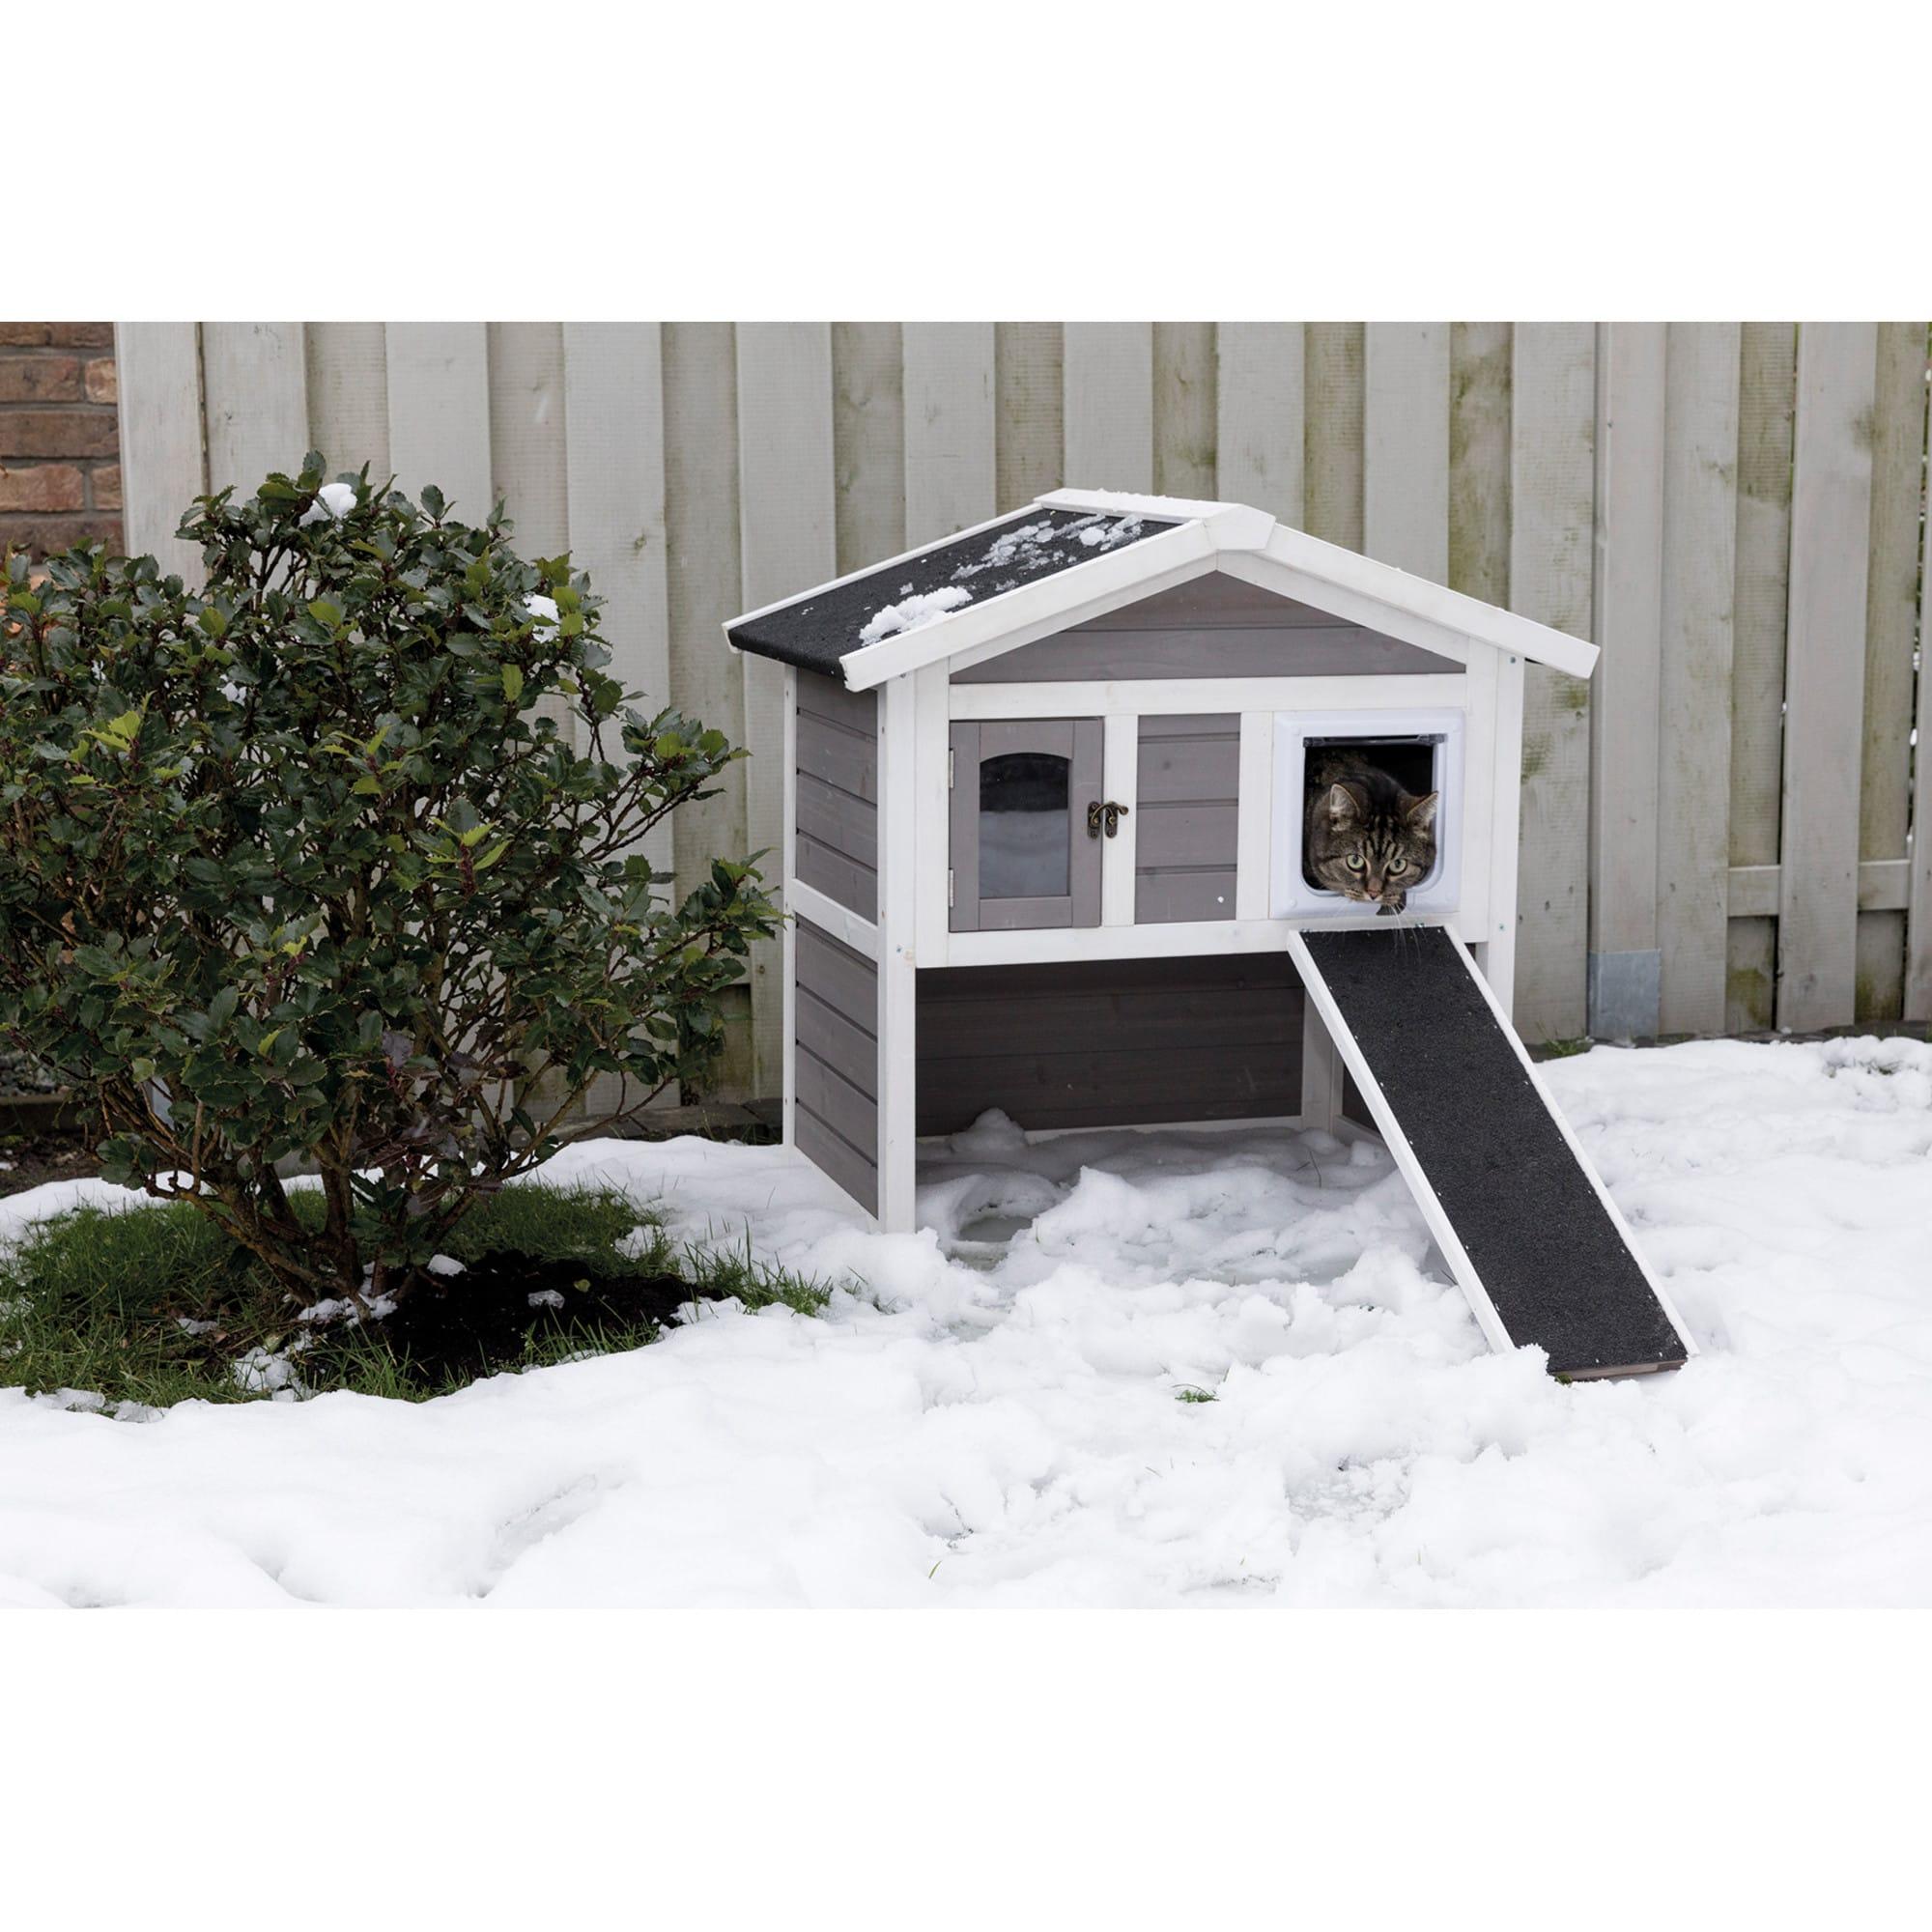 Trixie Natura Insulated Cat S Home Furniture 30 45 H Petco